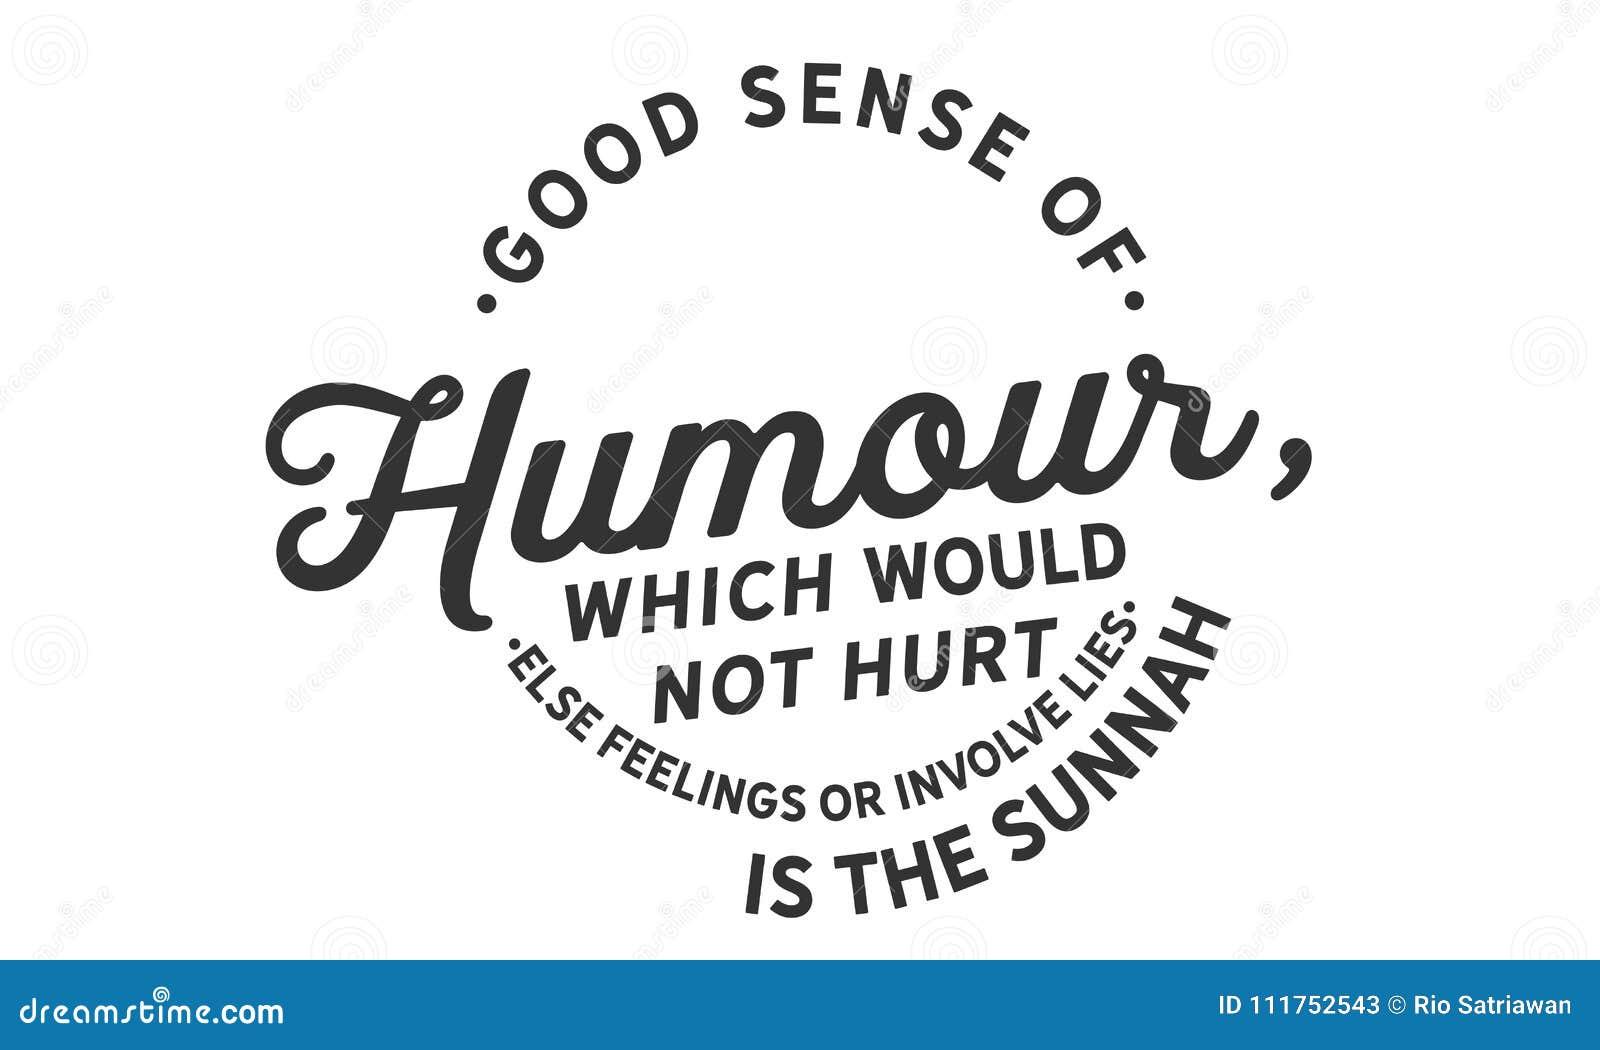 Dobre poczucie który no krzywdził innych uczuć lub no wymagał kłamstw humor, jest sunnah